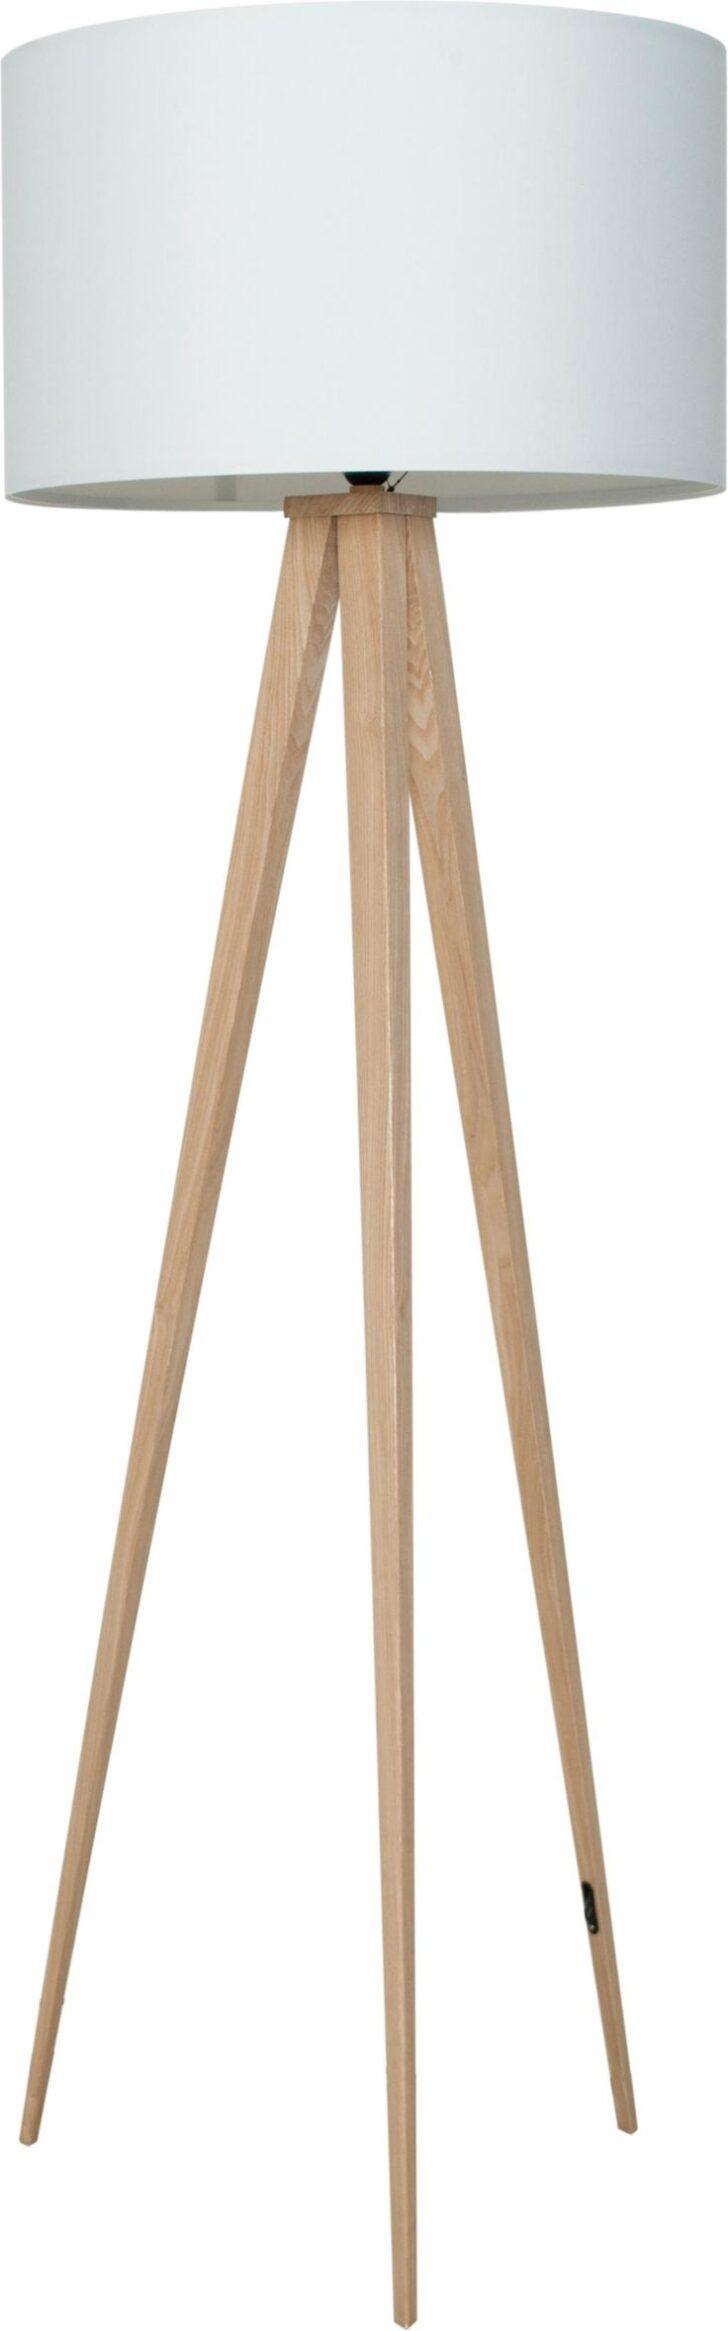 Medium Size of Ikea Stehlampe Holz Alte Auf Ikeahackers Bad Waschtisch Esstisch Massiv Wohnzimmer Küche Weiß Massivholz Holzplatte Holzhaus Kind Garten Regal Miniküche Wohnzimmer Ikea Stehlampe Holz